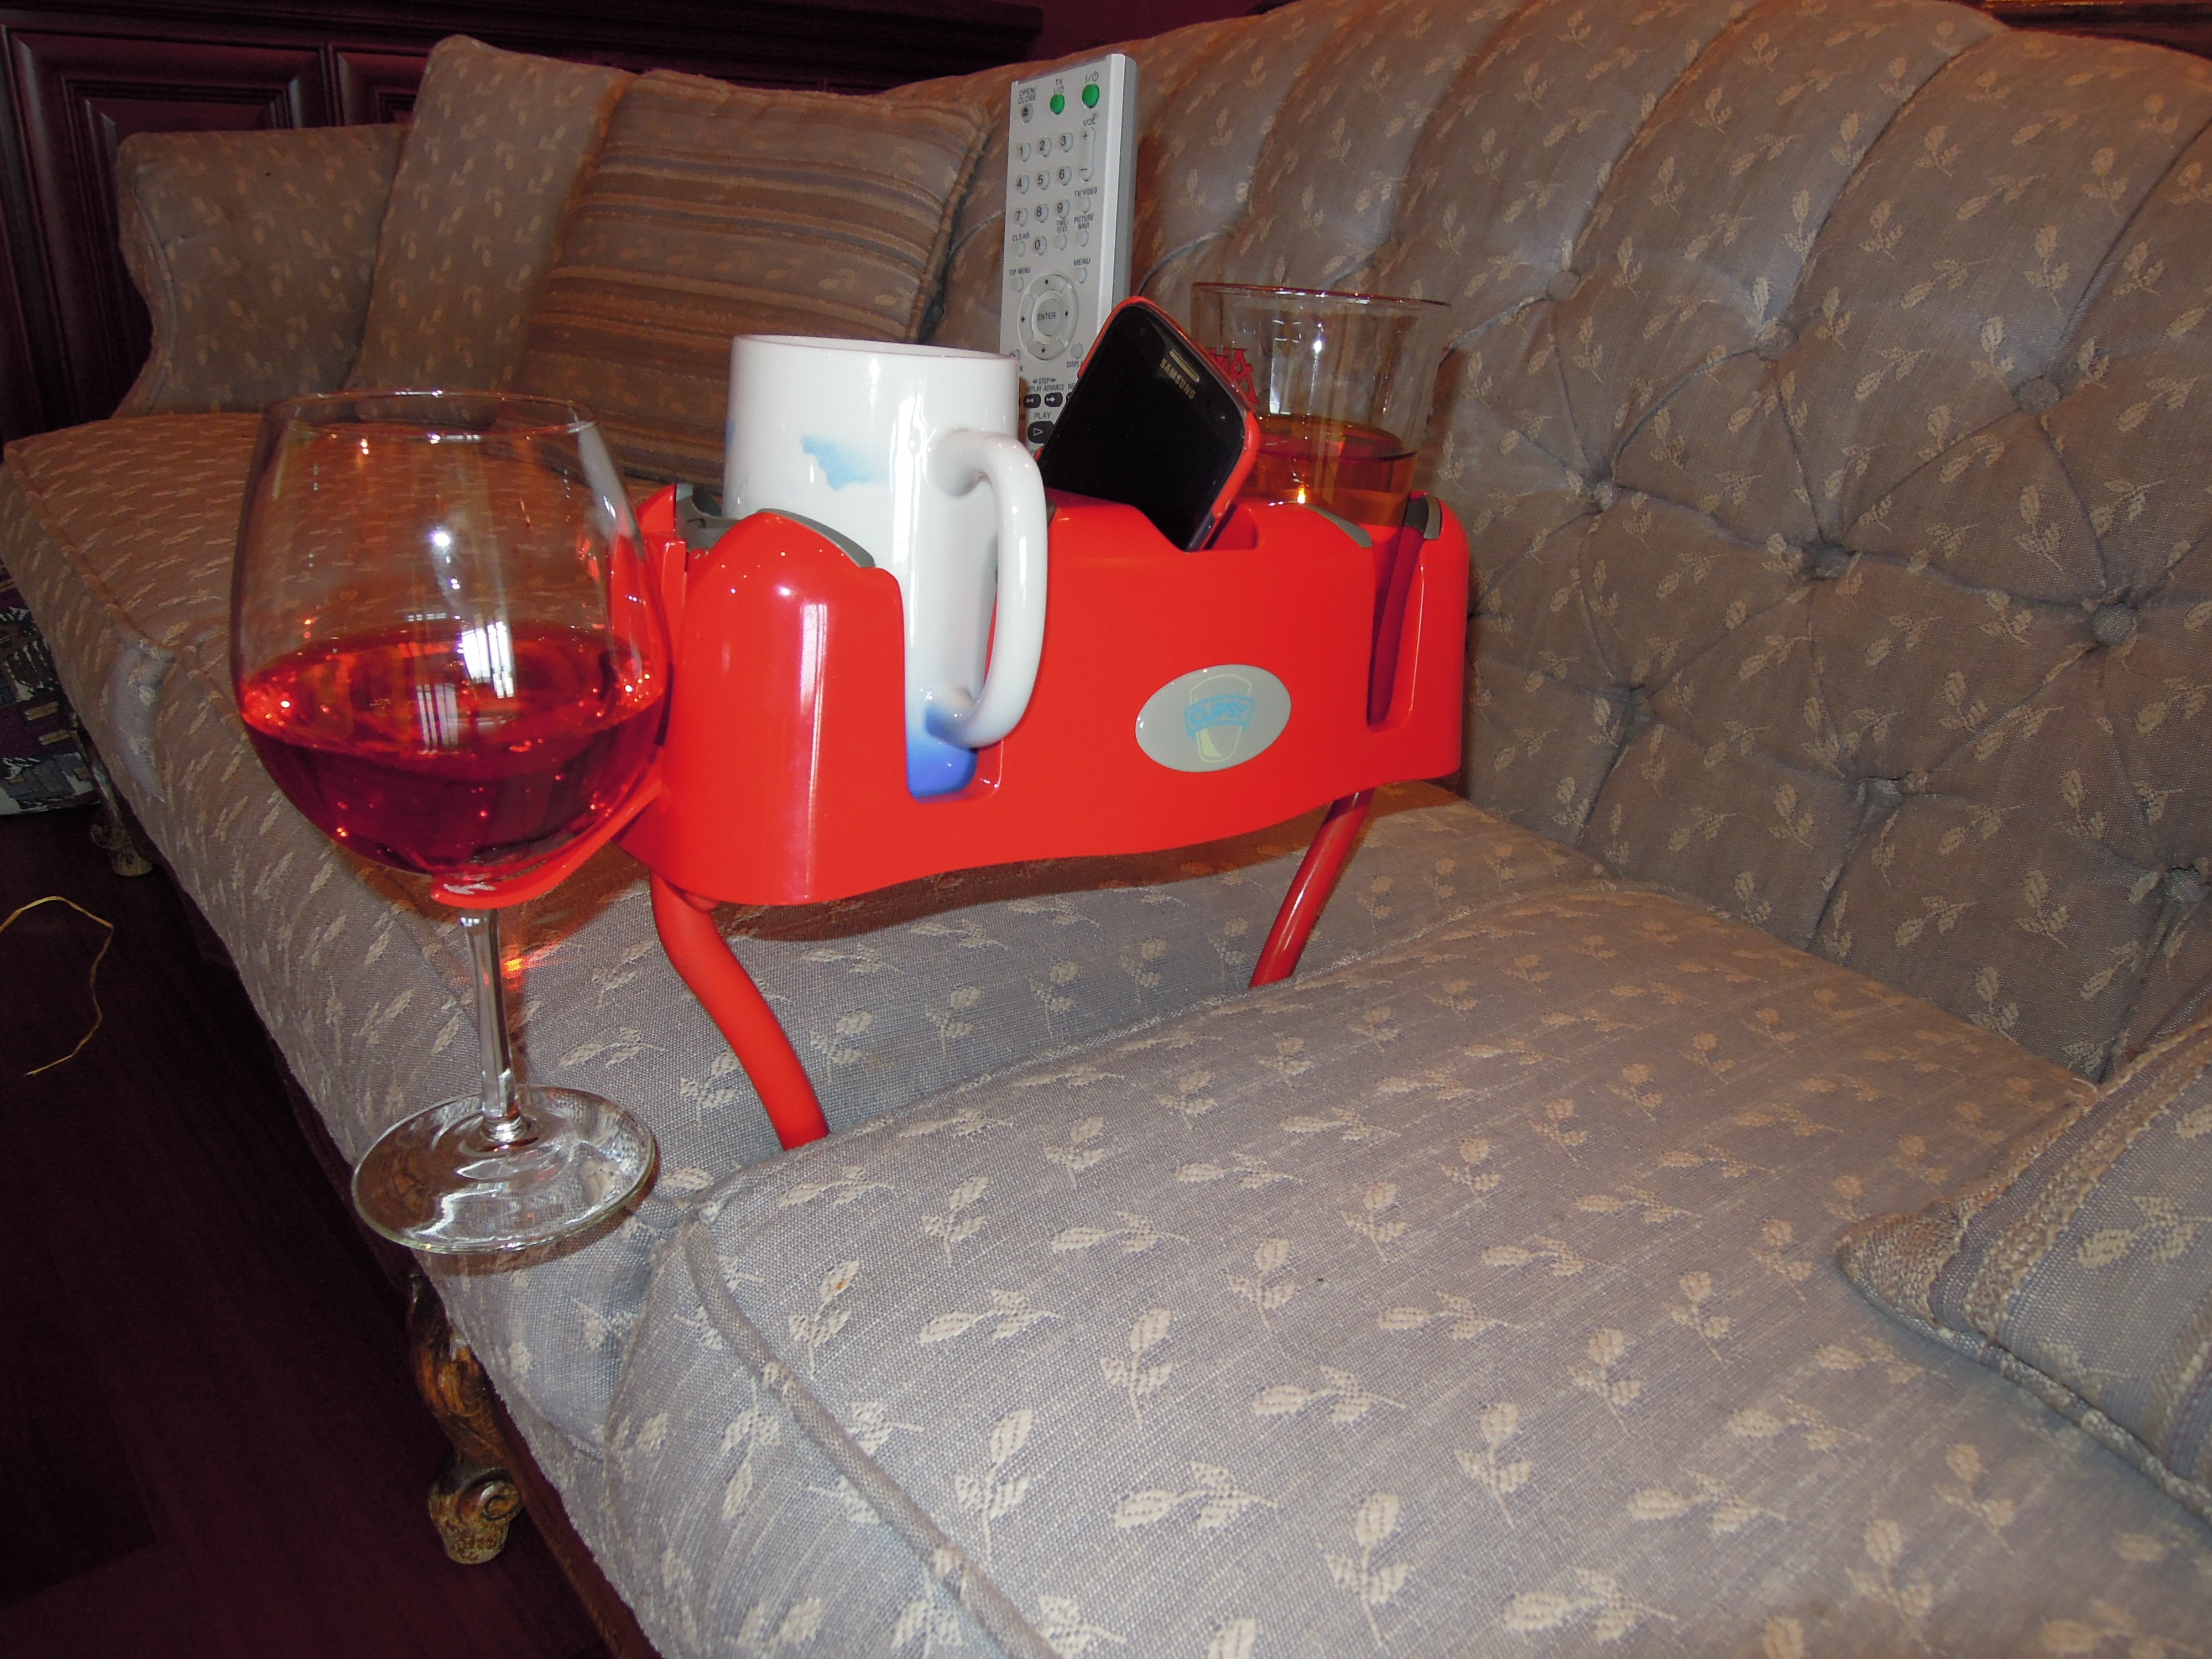 portable cup holder for sofa. Black Bedroom Furniture Sets. Home Design Ideas